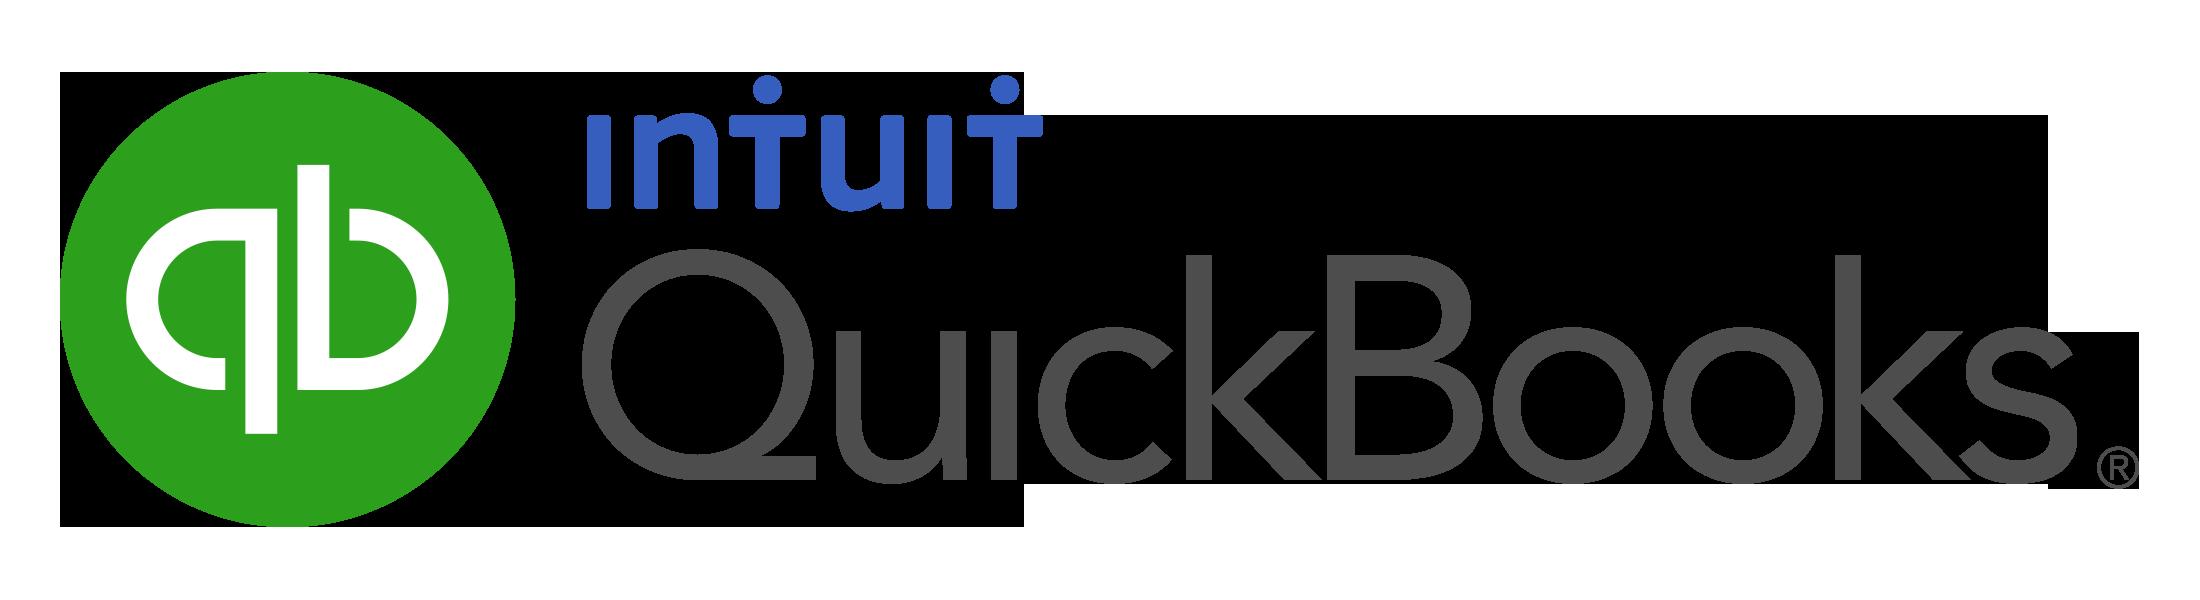 intuit-quickbooks-logo